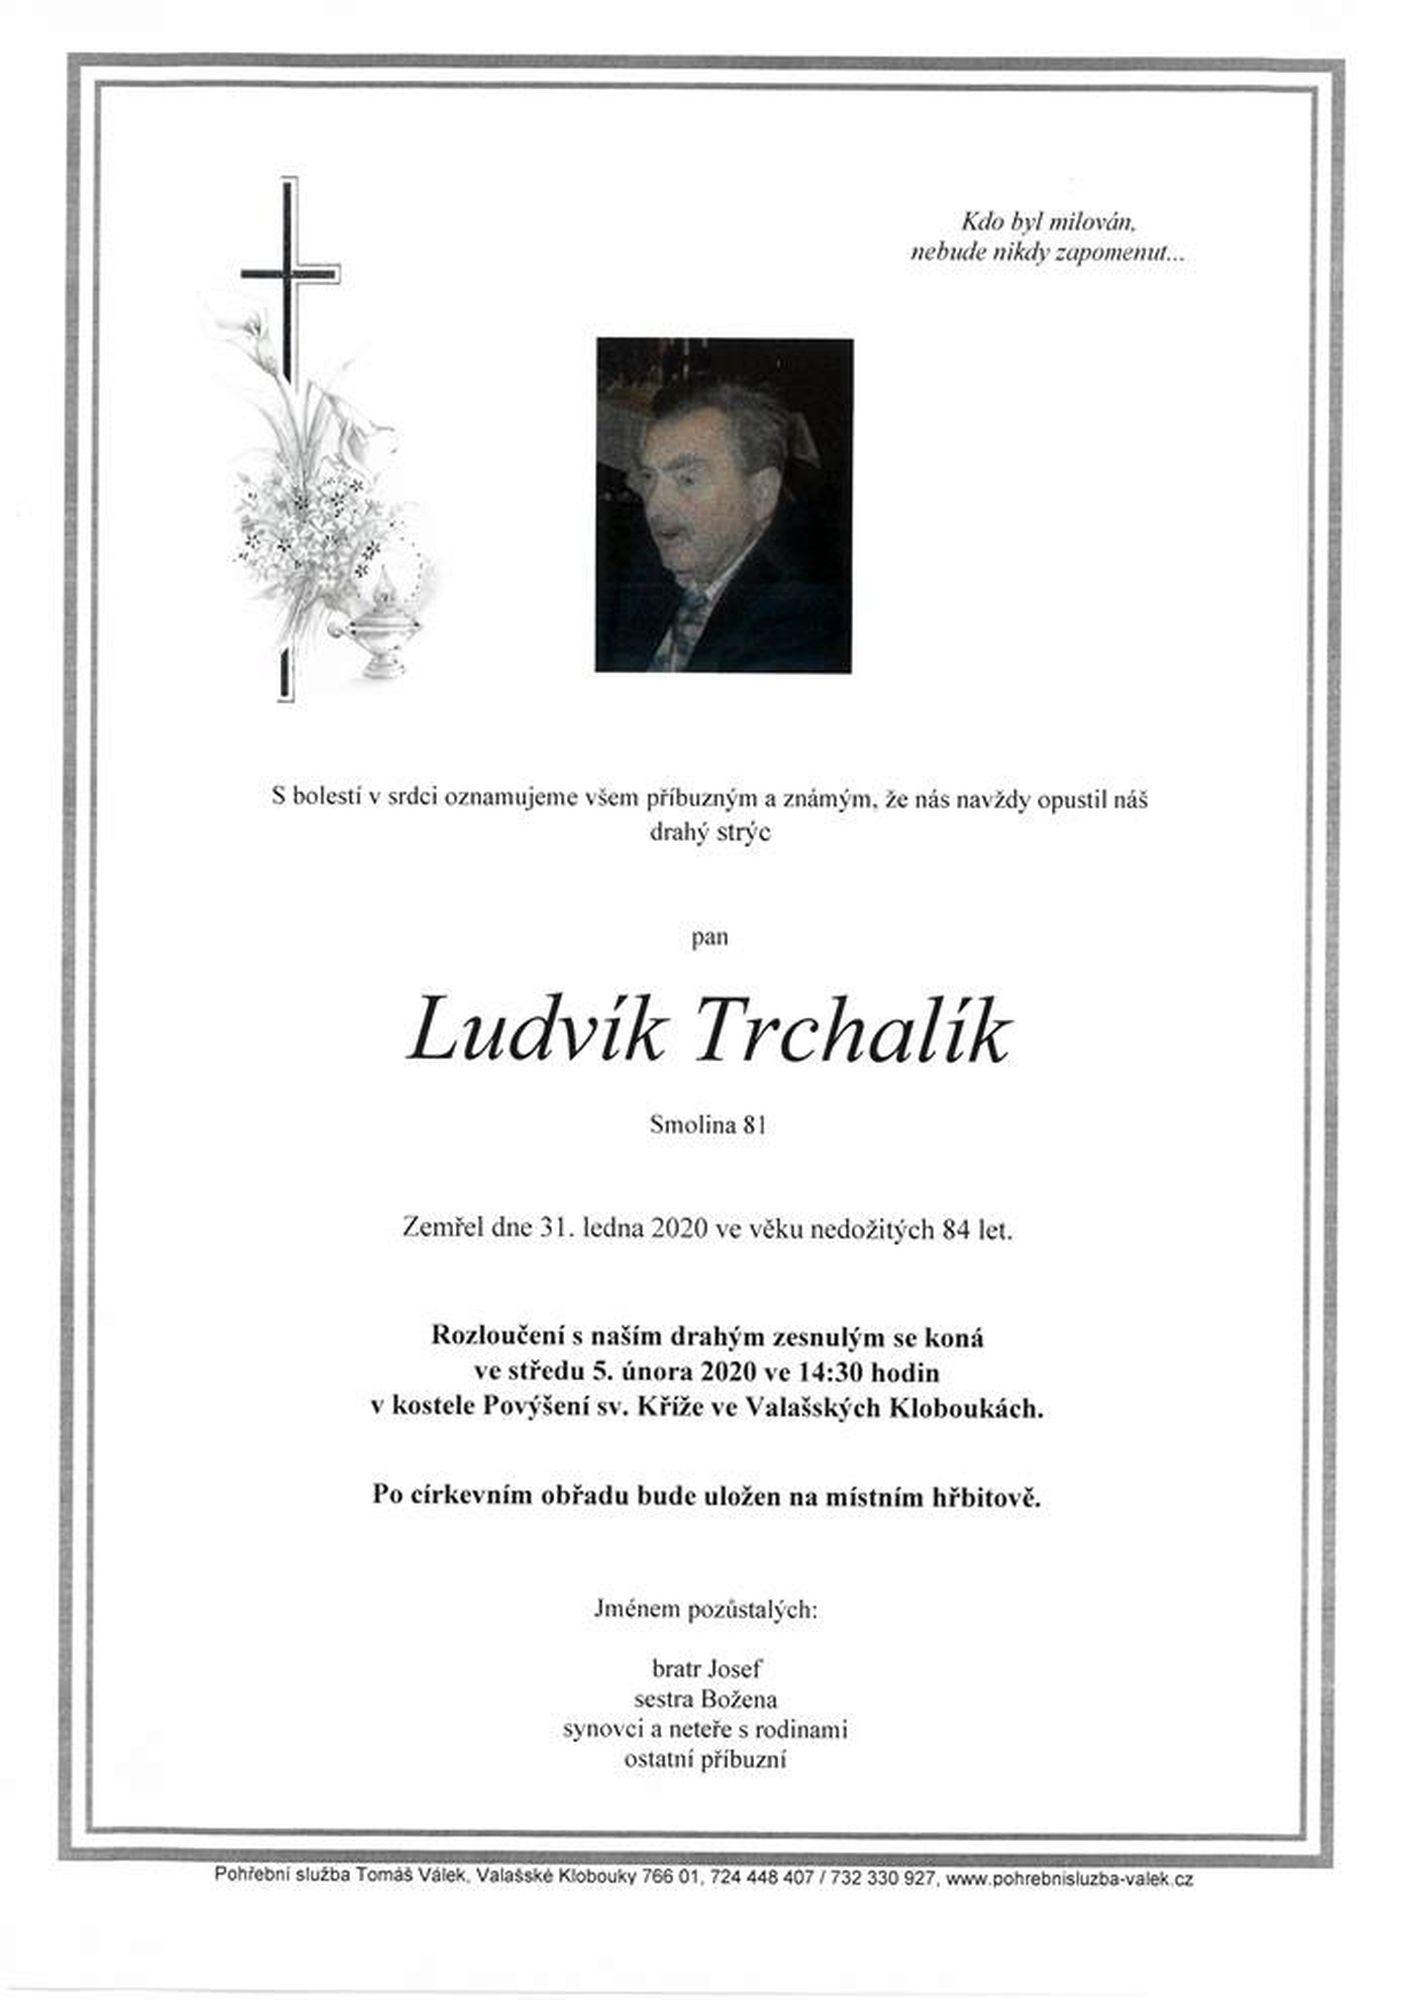 Ludvík Trchalík